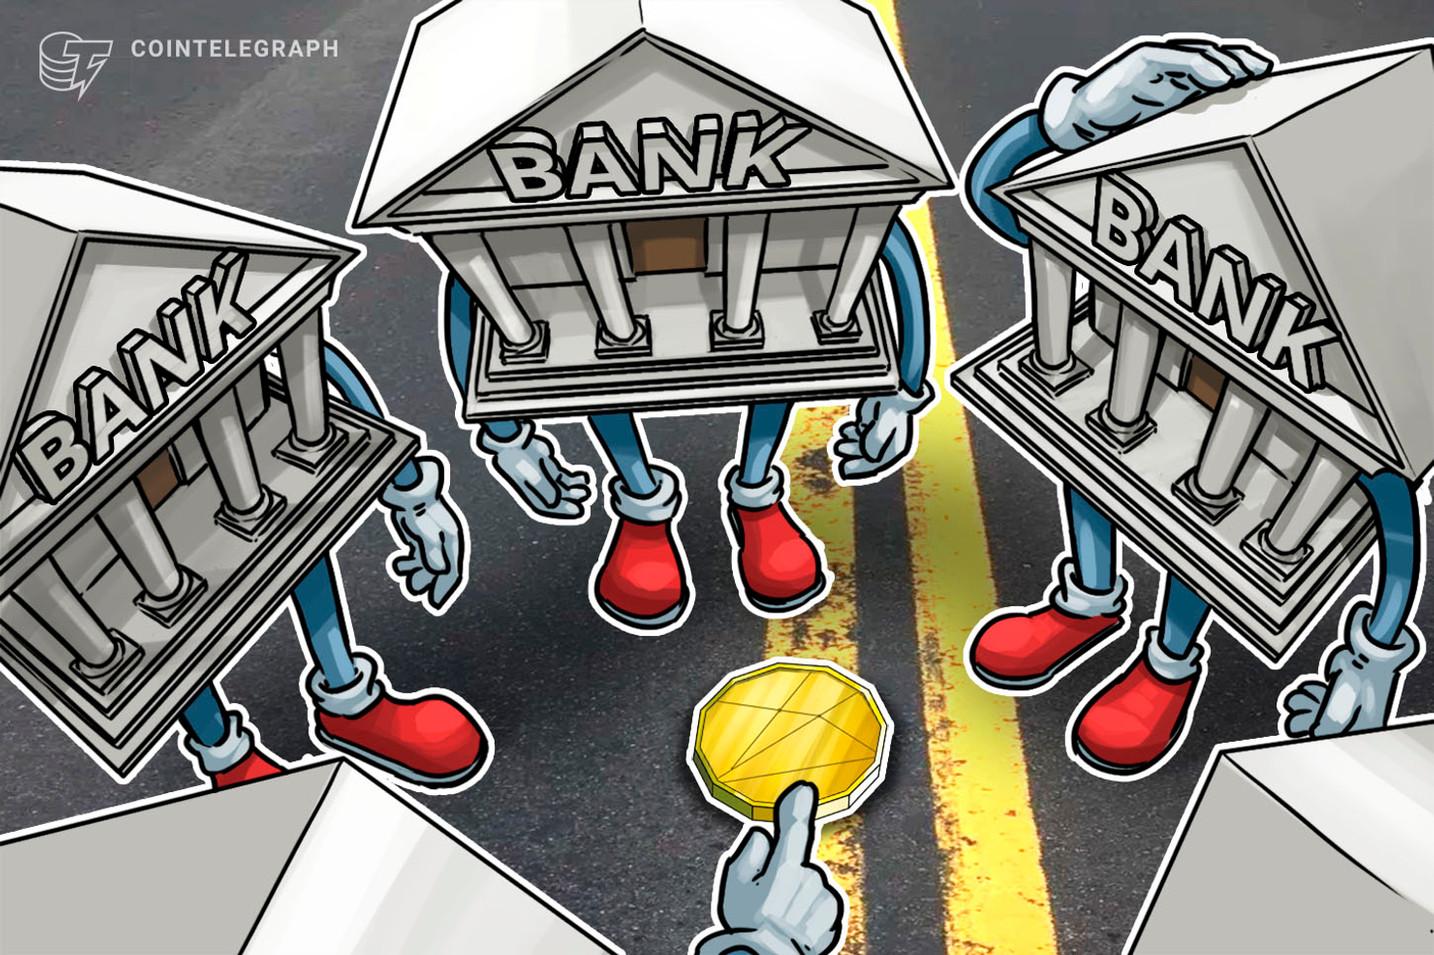 国際決済銀行が報告書、フェイスブックの独自仮想通貨発行、金融進出に危機感